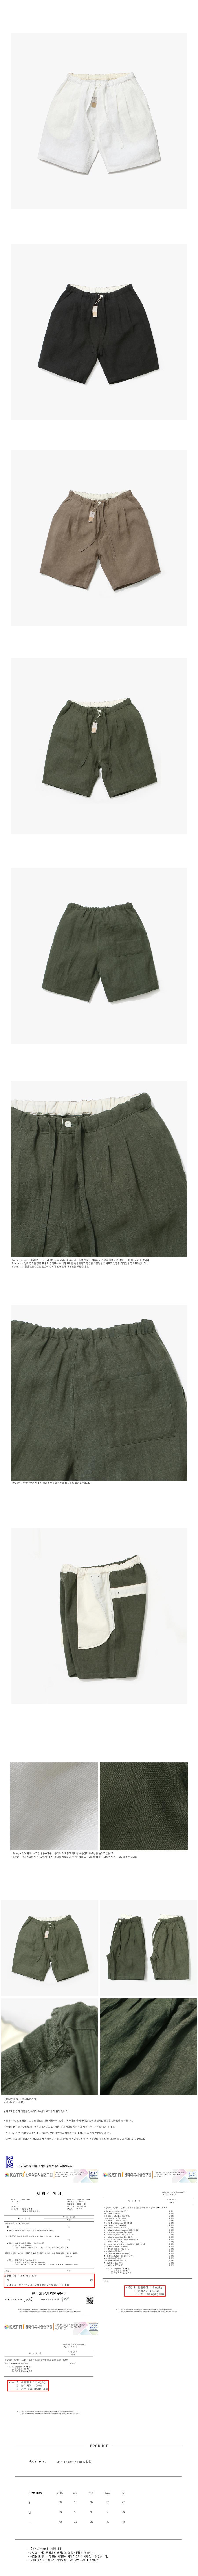 라퍼지스토어(LAFUDGESTORE) [프리미엄] Frais Linen Shorts_Khaki